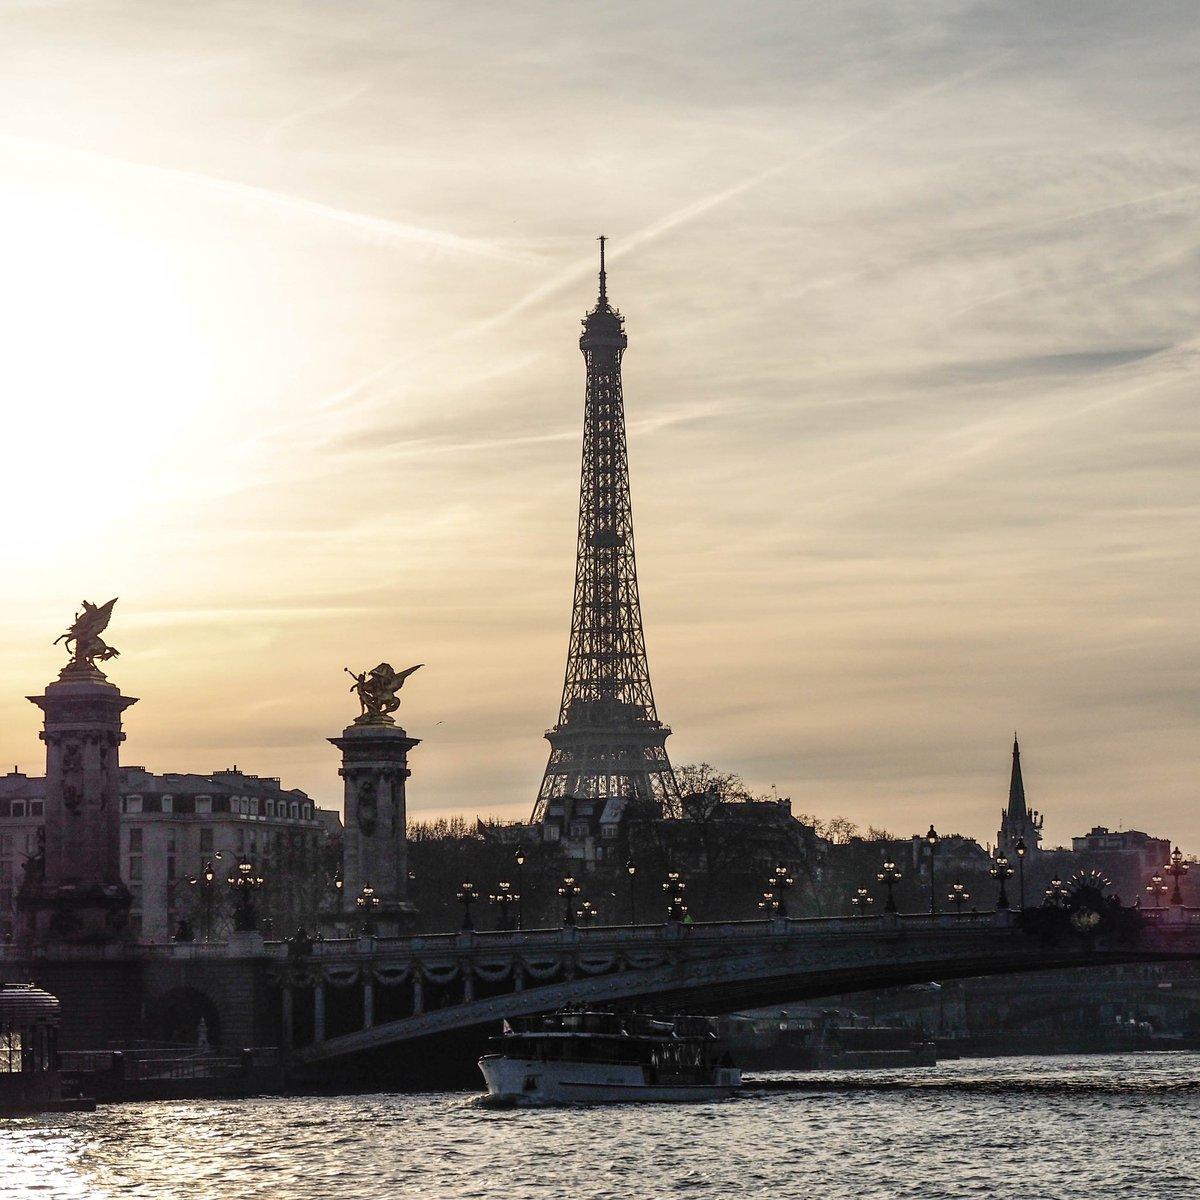 Sunset  ____ @LaTourEiffel #eiffelofficielle #TourEiffel #eiffeltower @VivreParis_ @ParisBouge @QueFaireAParis @ParisJeTaime @le_Parisien @VIParis @ParisZigZag @My_Little_Paris @VisitParisIdf @visitparisreg @timeoutparis @ParisInsolites #photooftheday #sunset #sun #photograghy